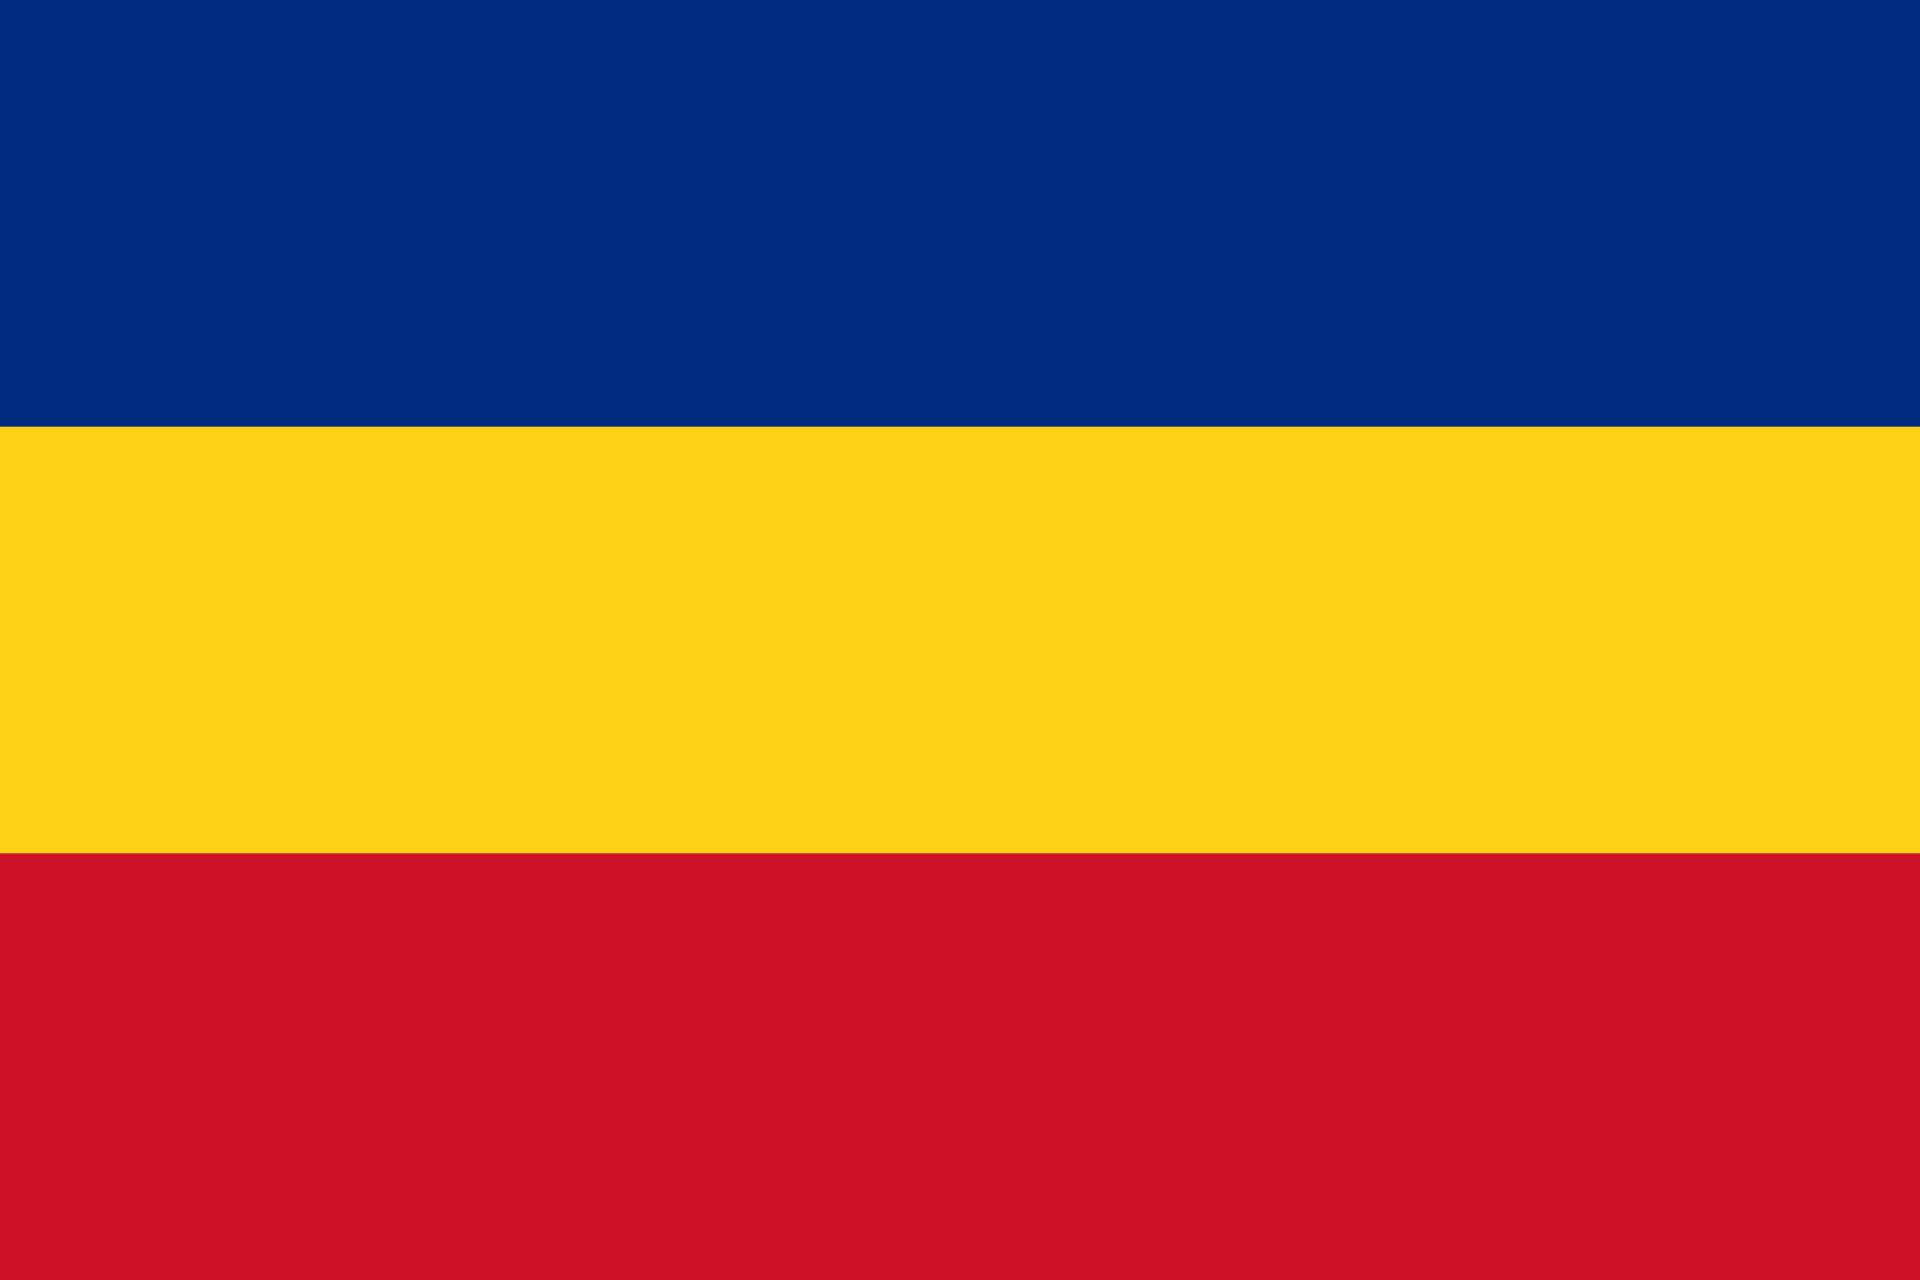 картинки флаг зеленый желтый красный животное появилось столице